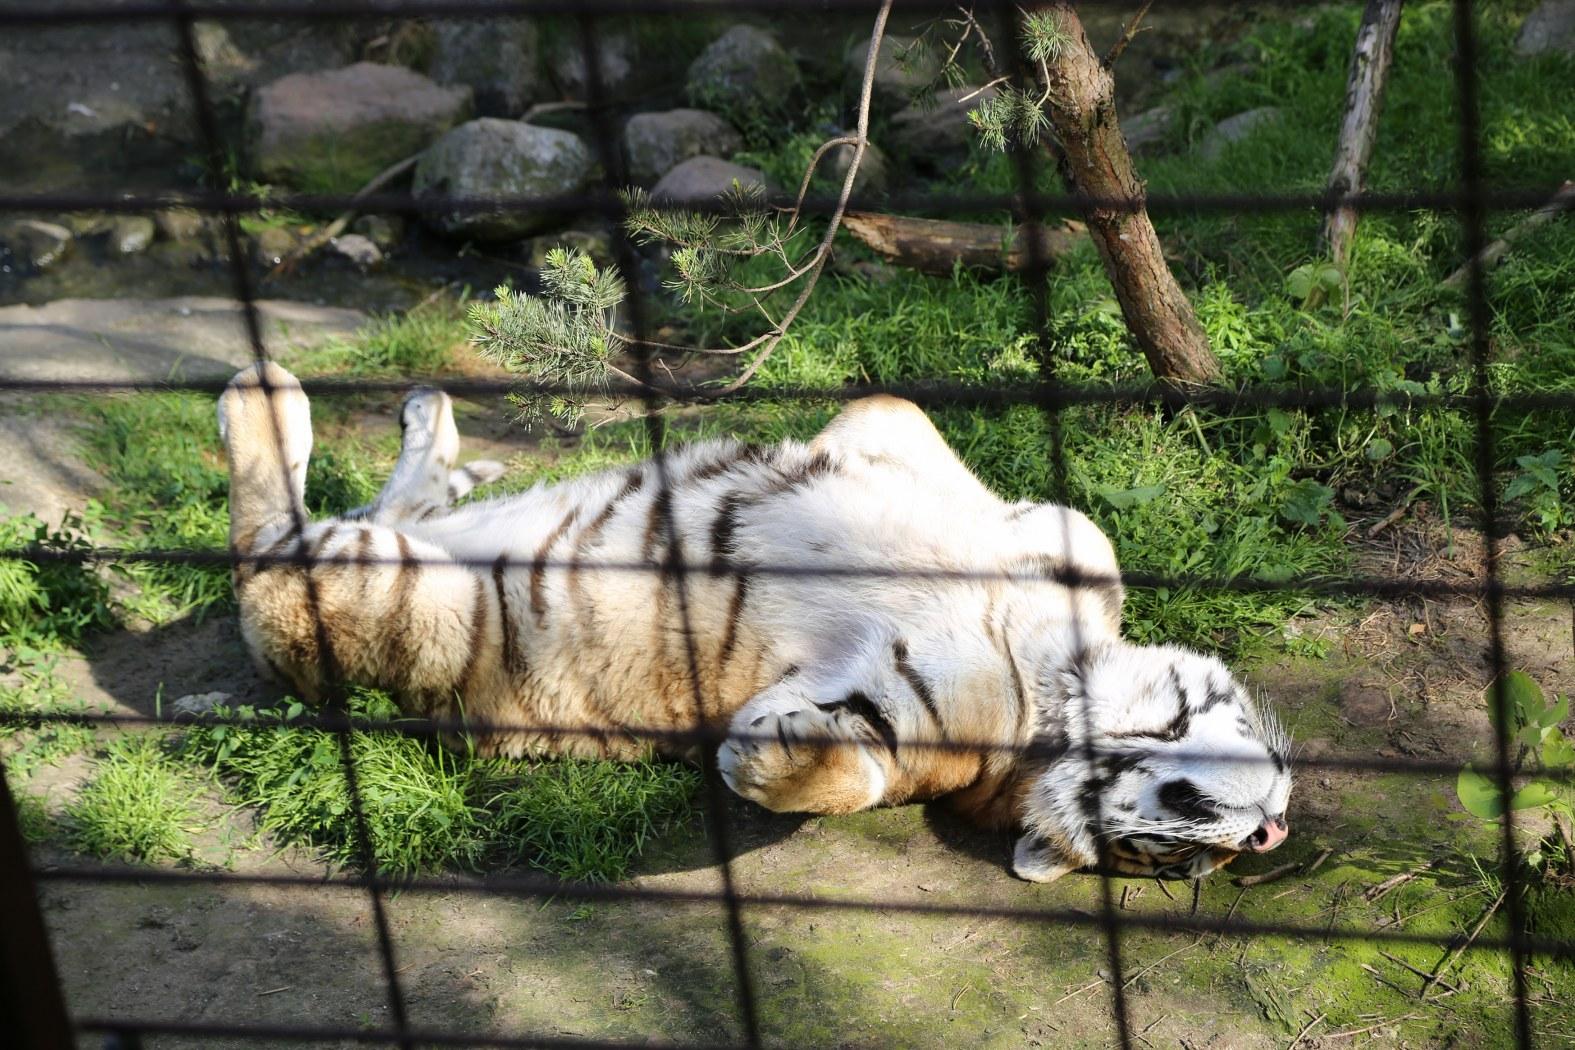 fed kvinde odense zoo kort